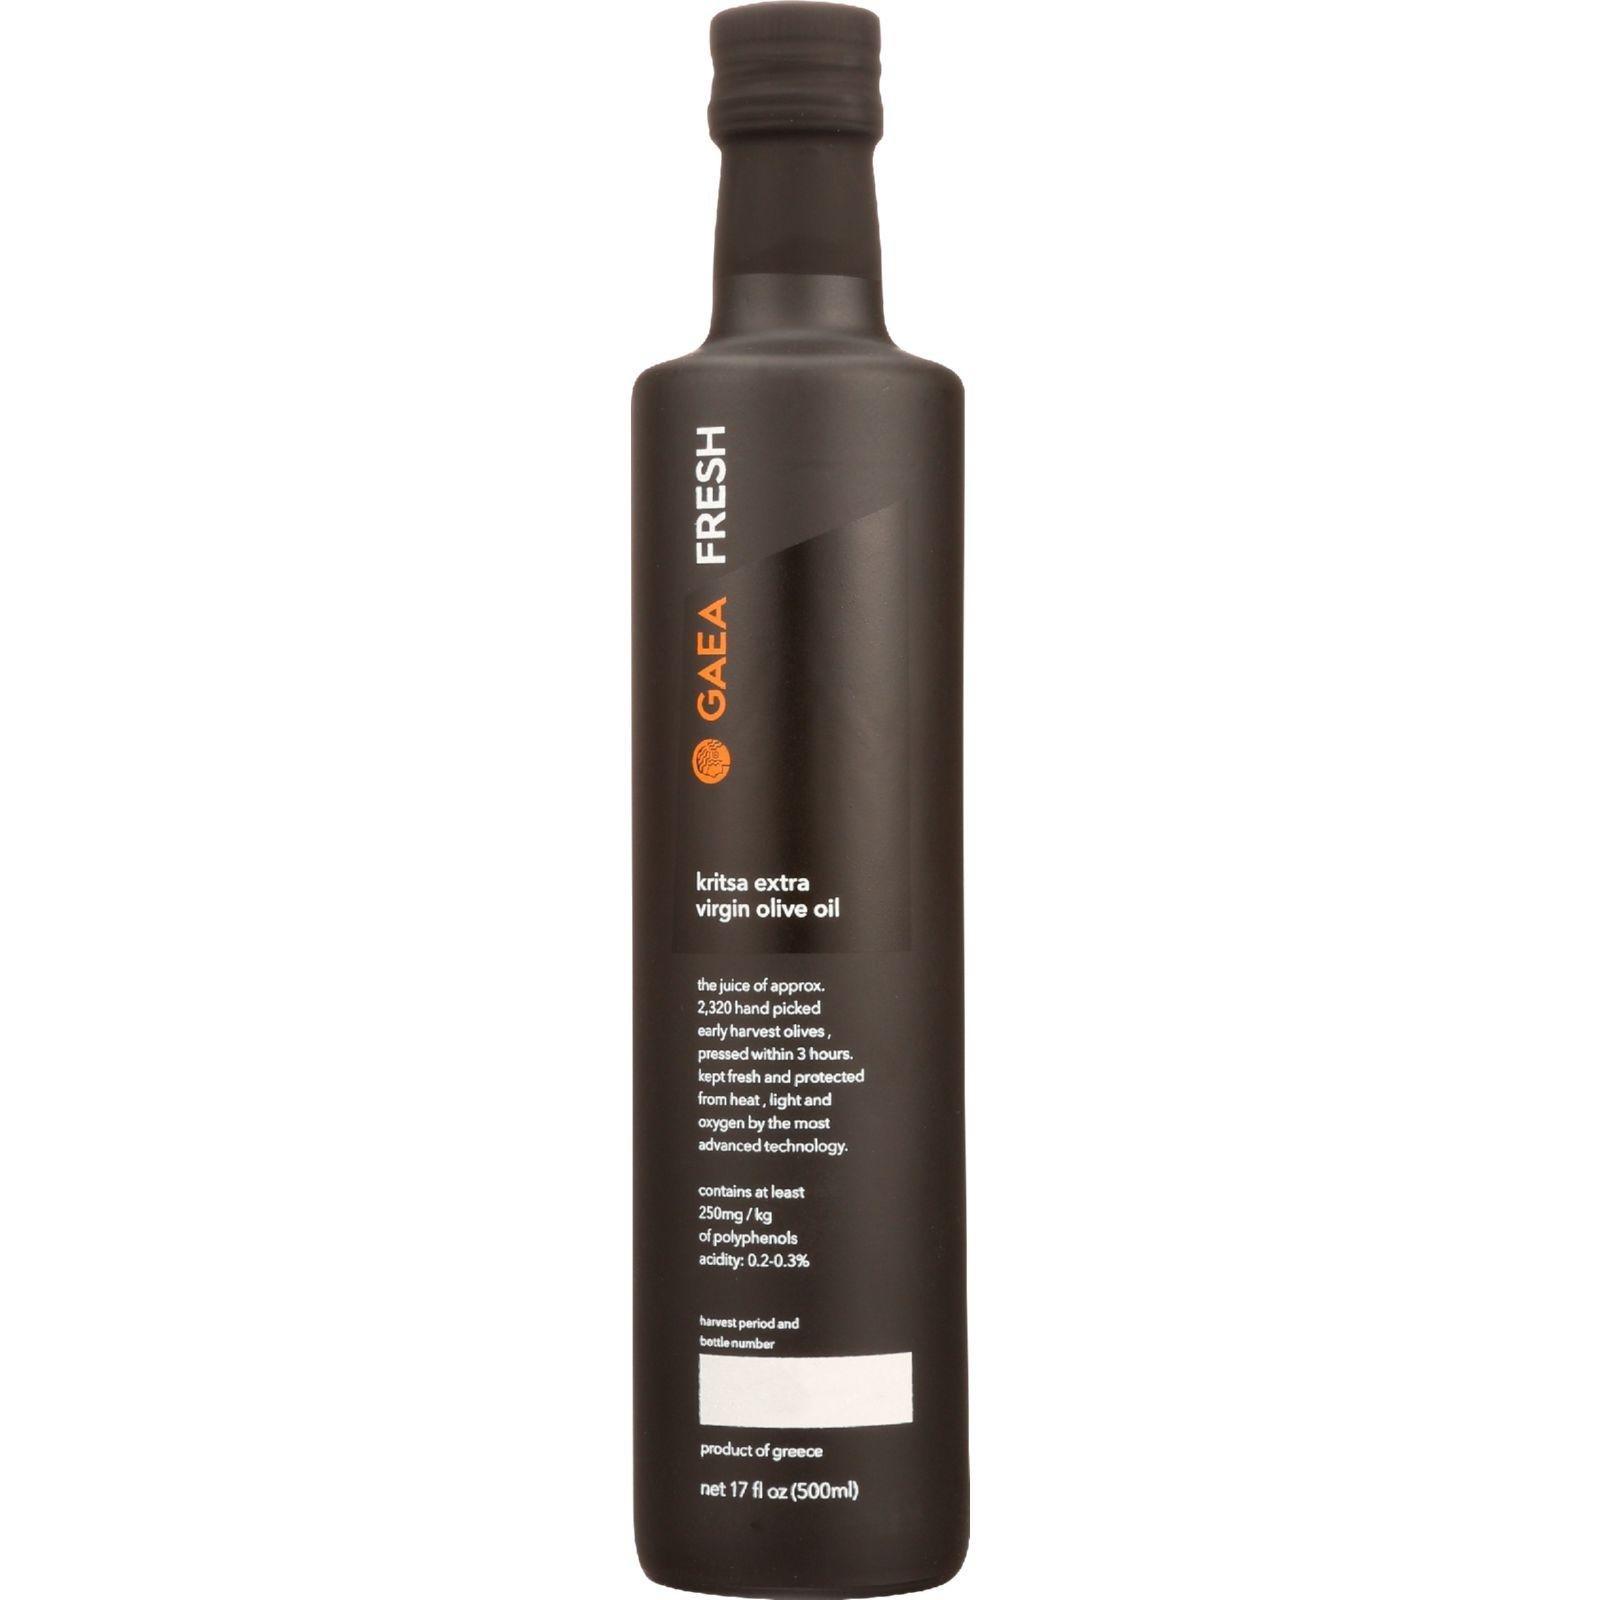 Gaea North America Oil Olive Xvirgn Fresh